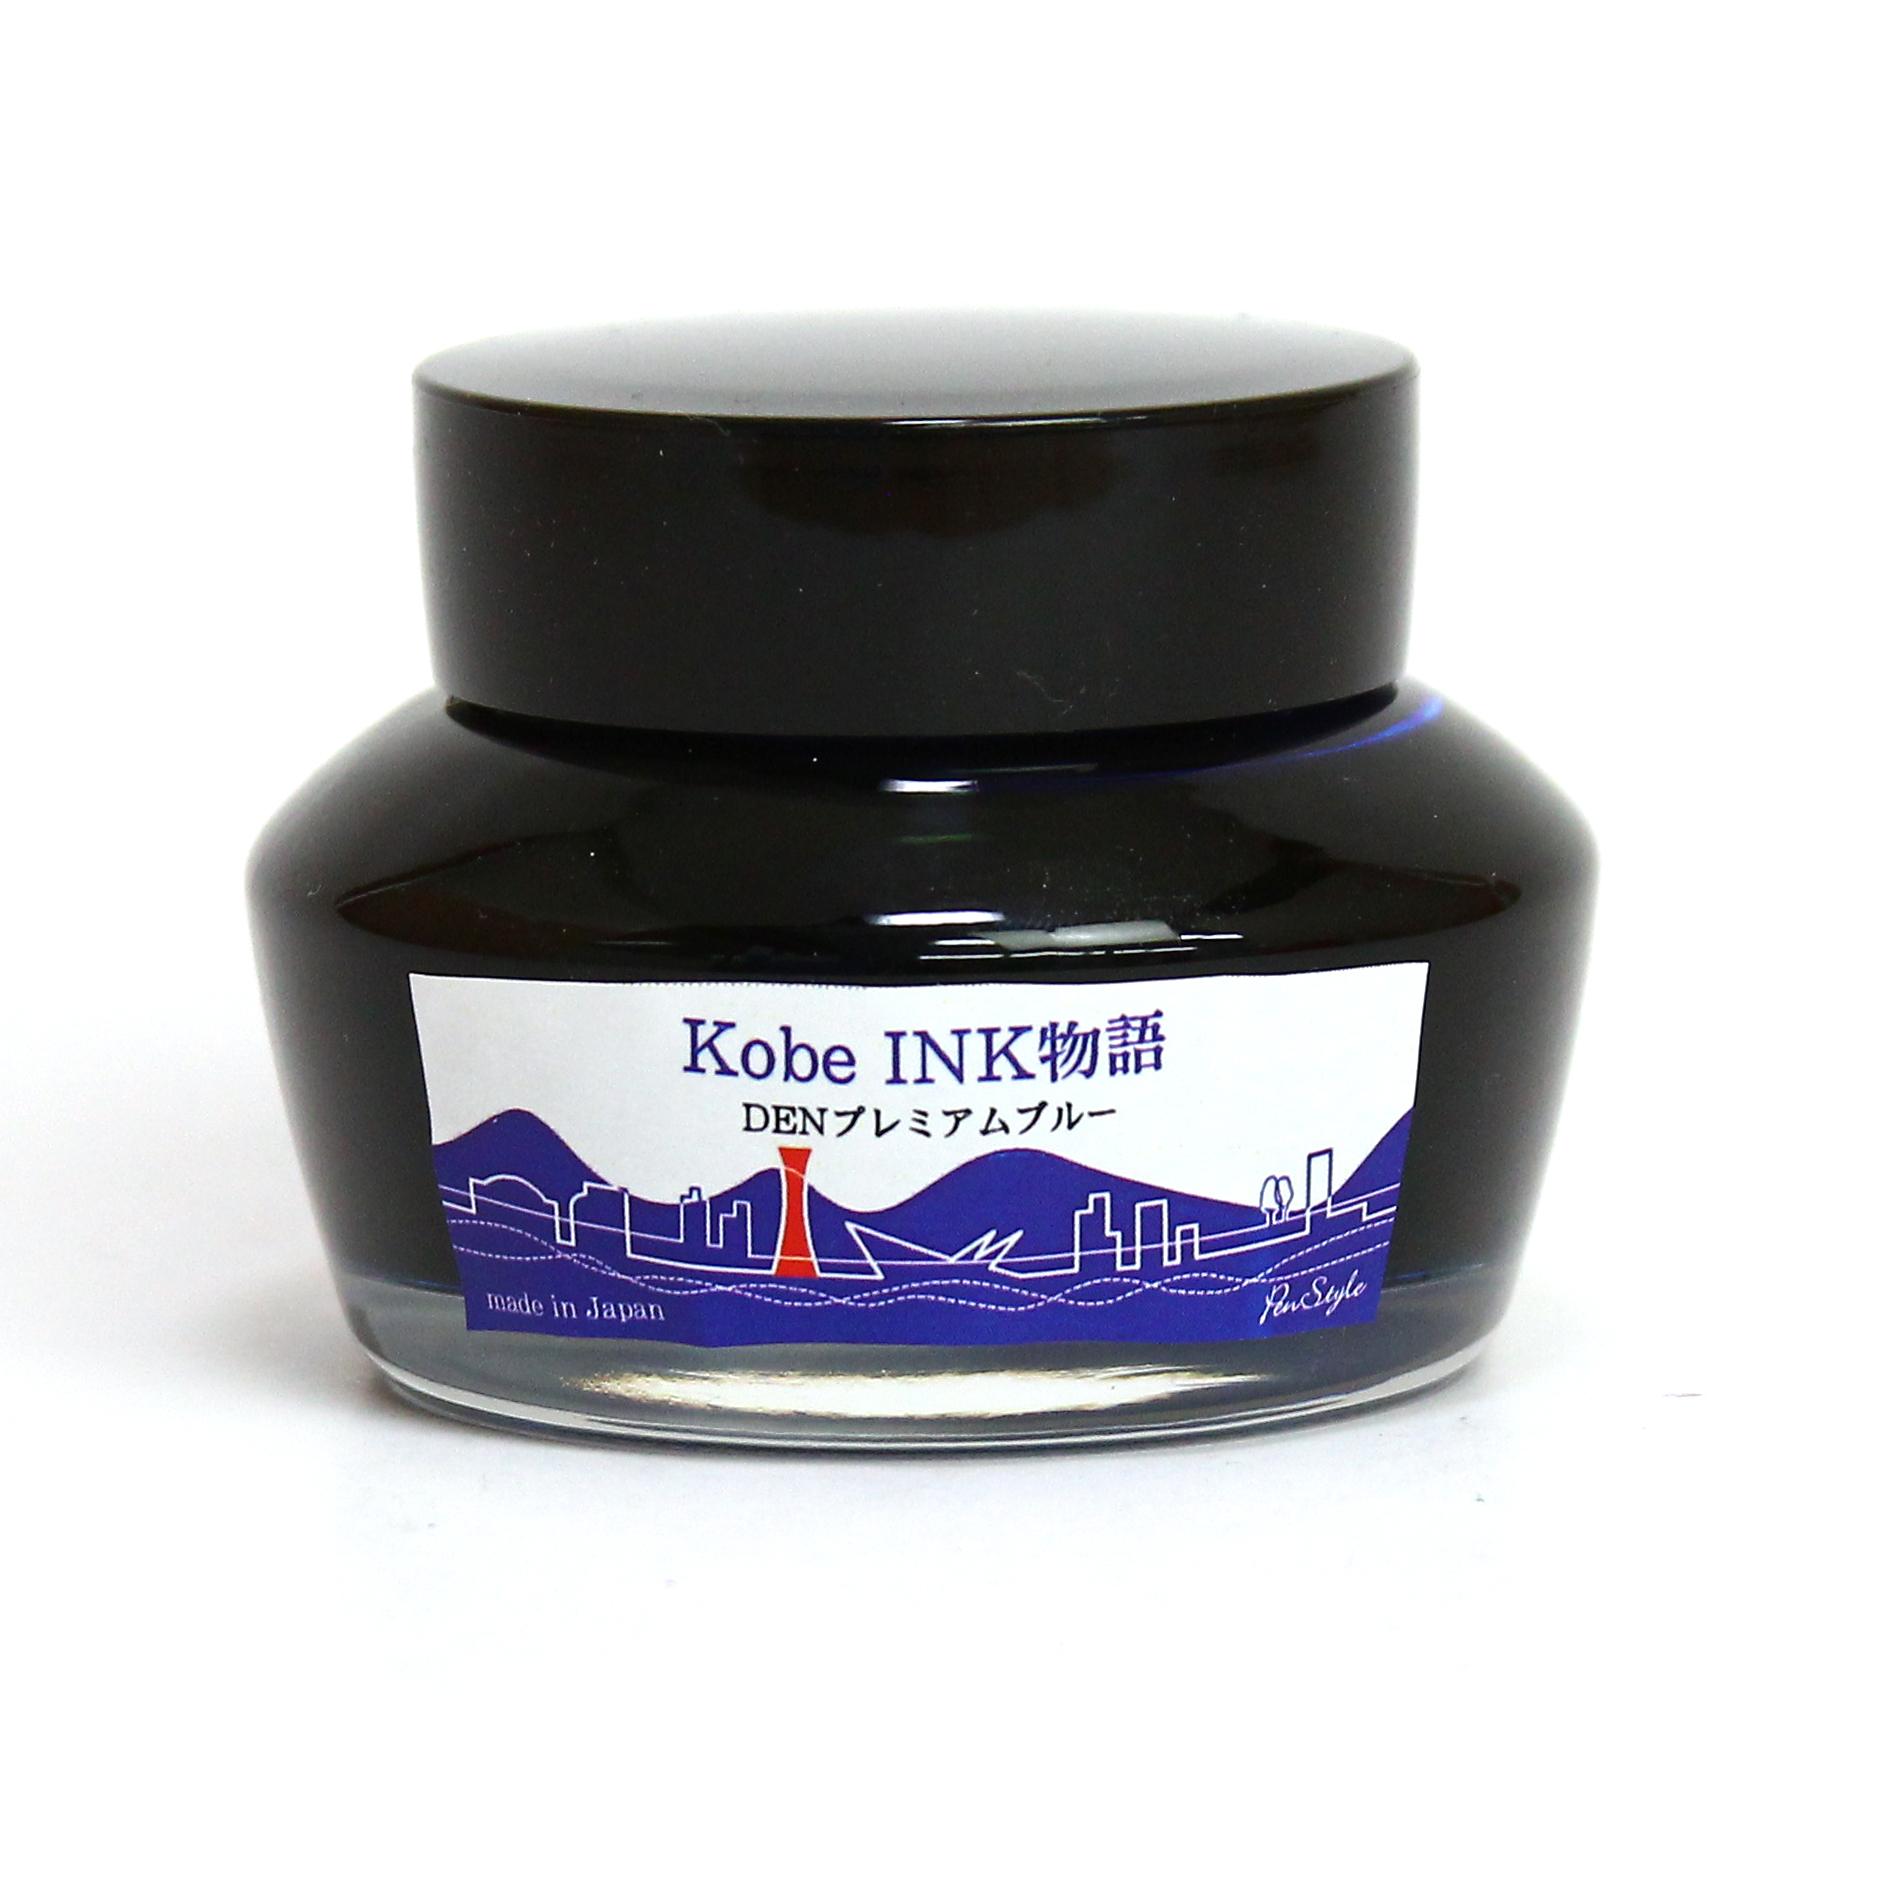 PenStyle Kobe INK物語 店舗限定特別インク | DENプレミアムブルー